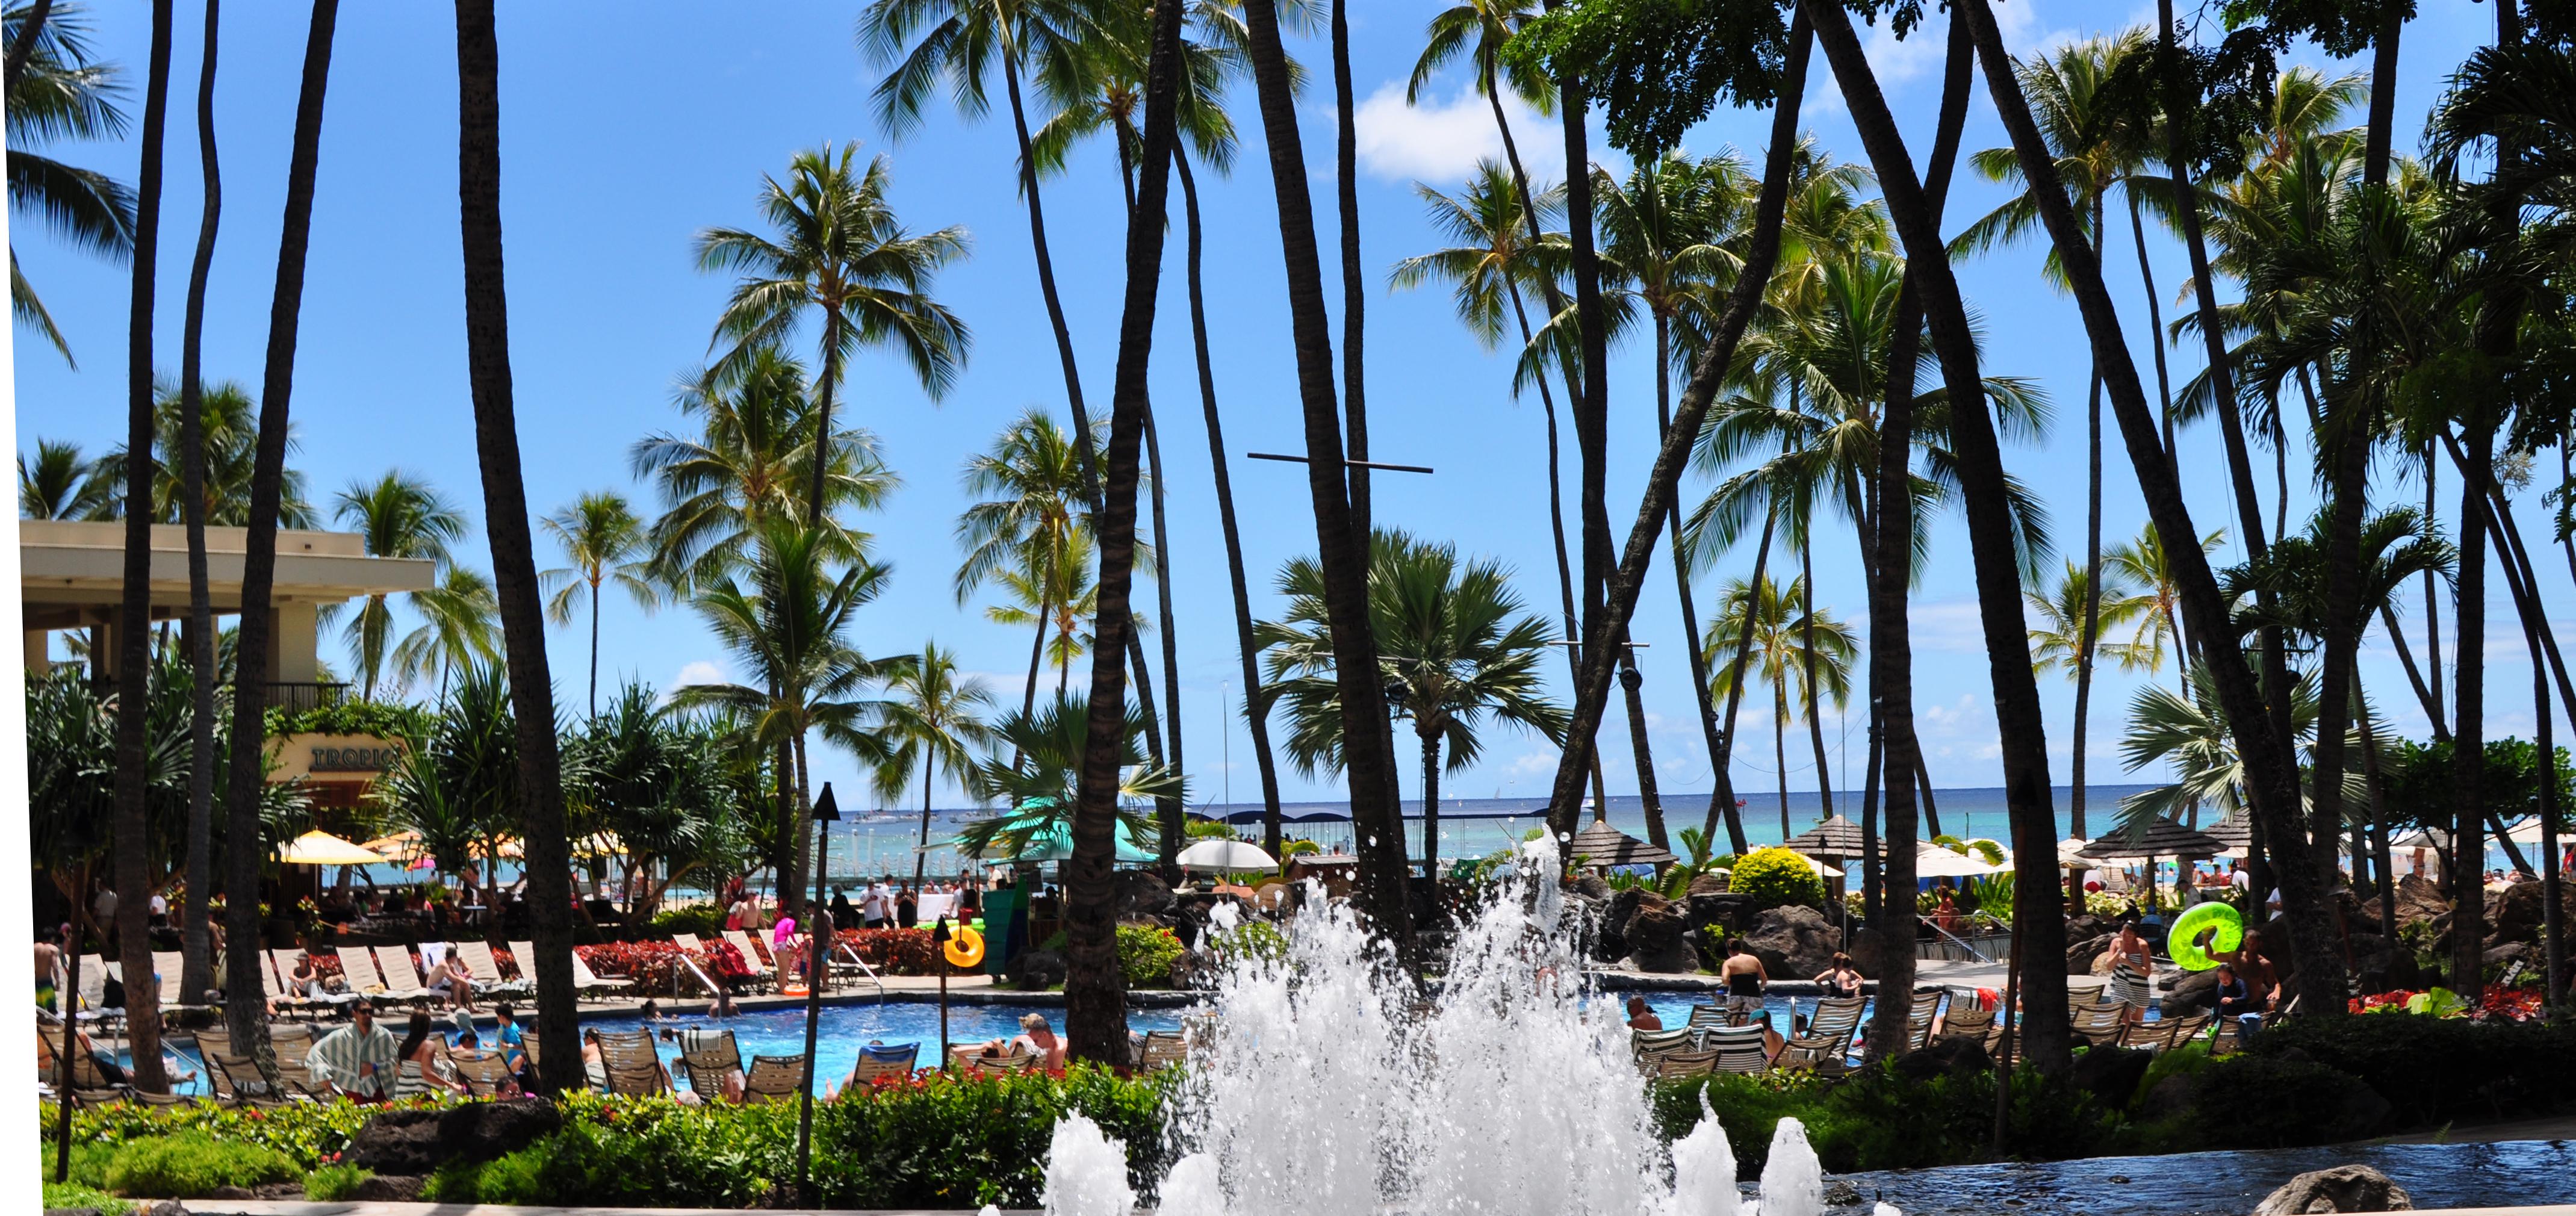 Hilton Hotel Waikiki Beach Resort